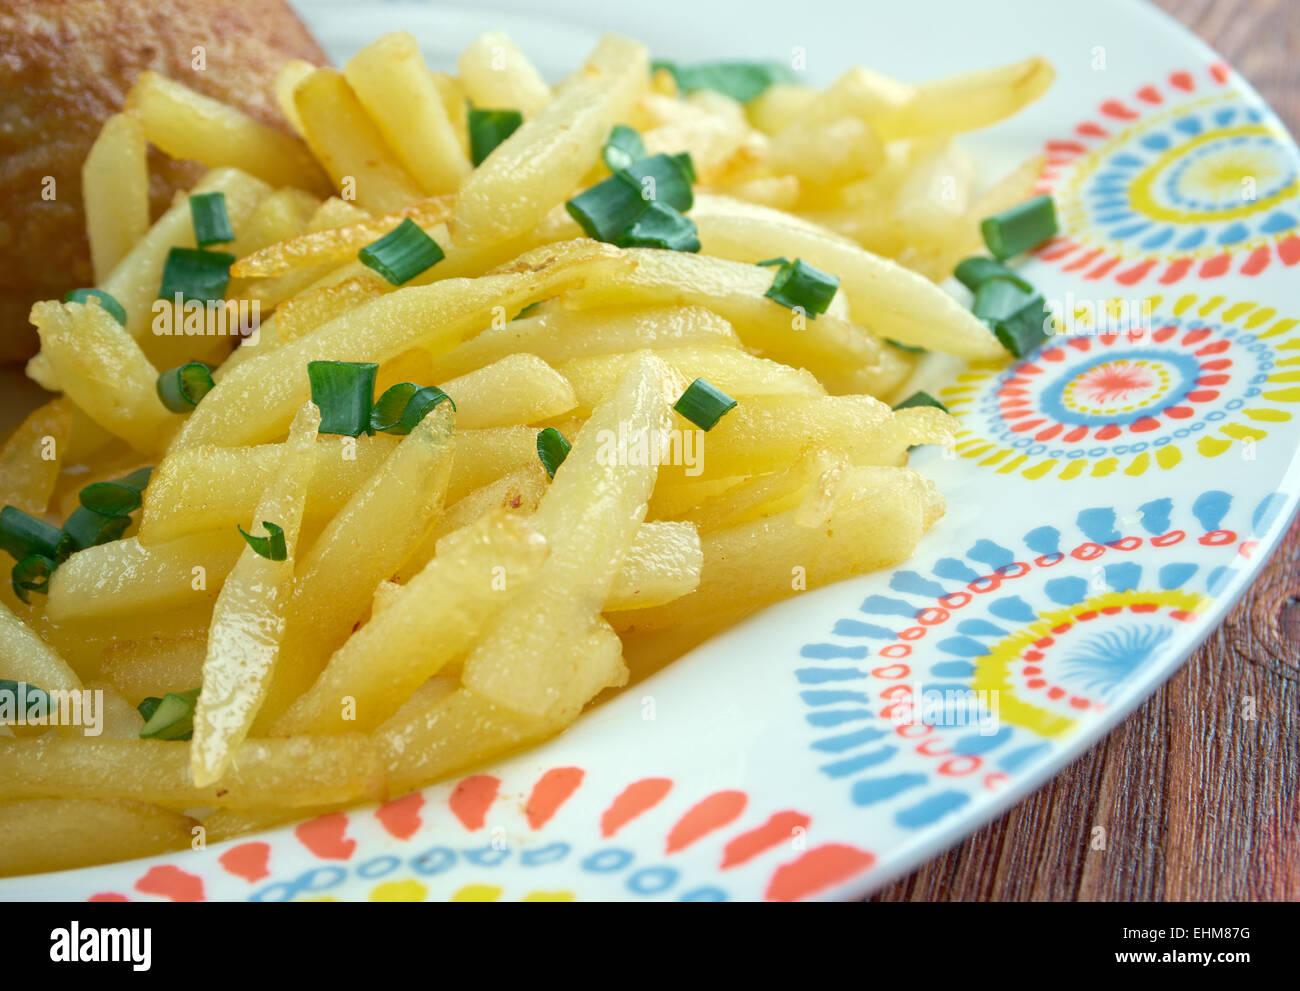 Kip met frieten - traditional dish in Belgium fried chicken with fries - Stock Image